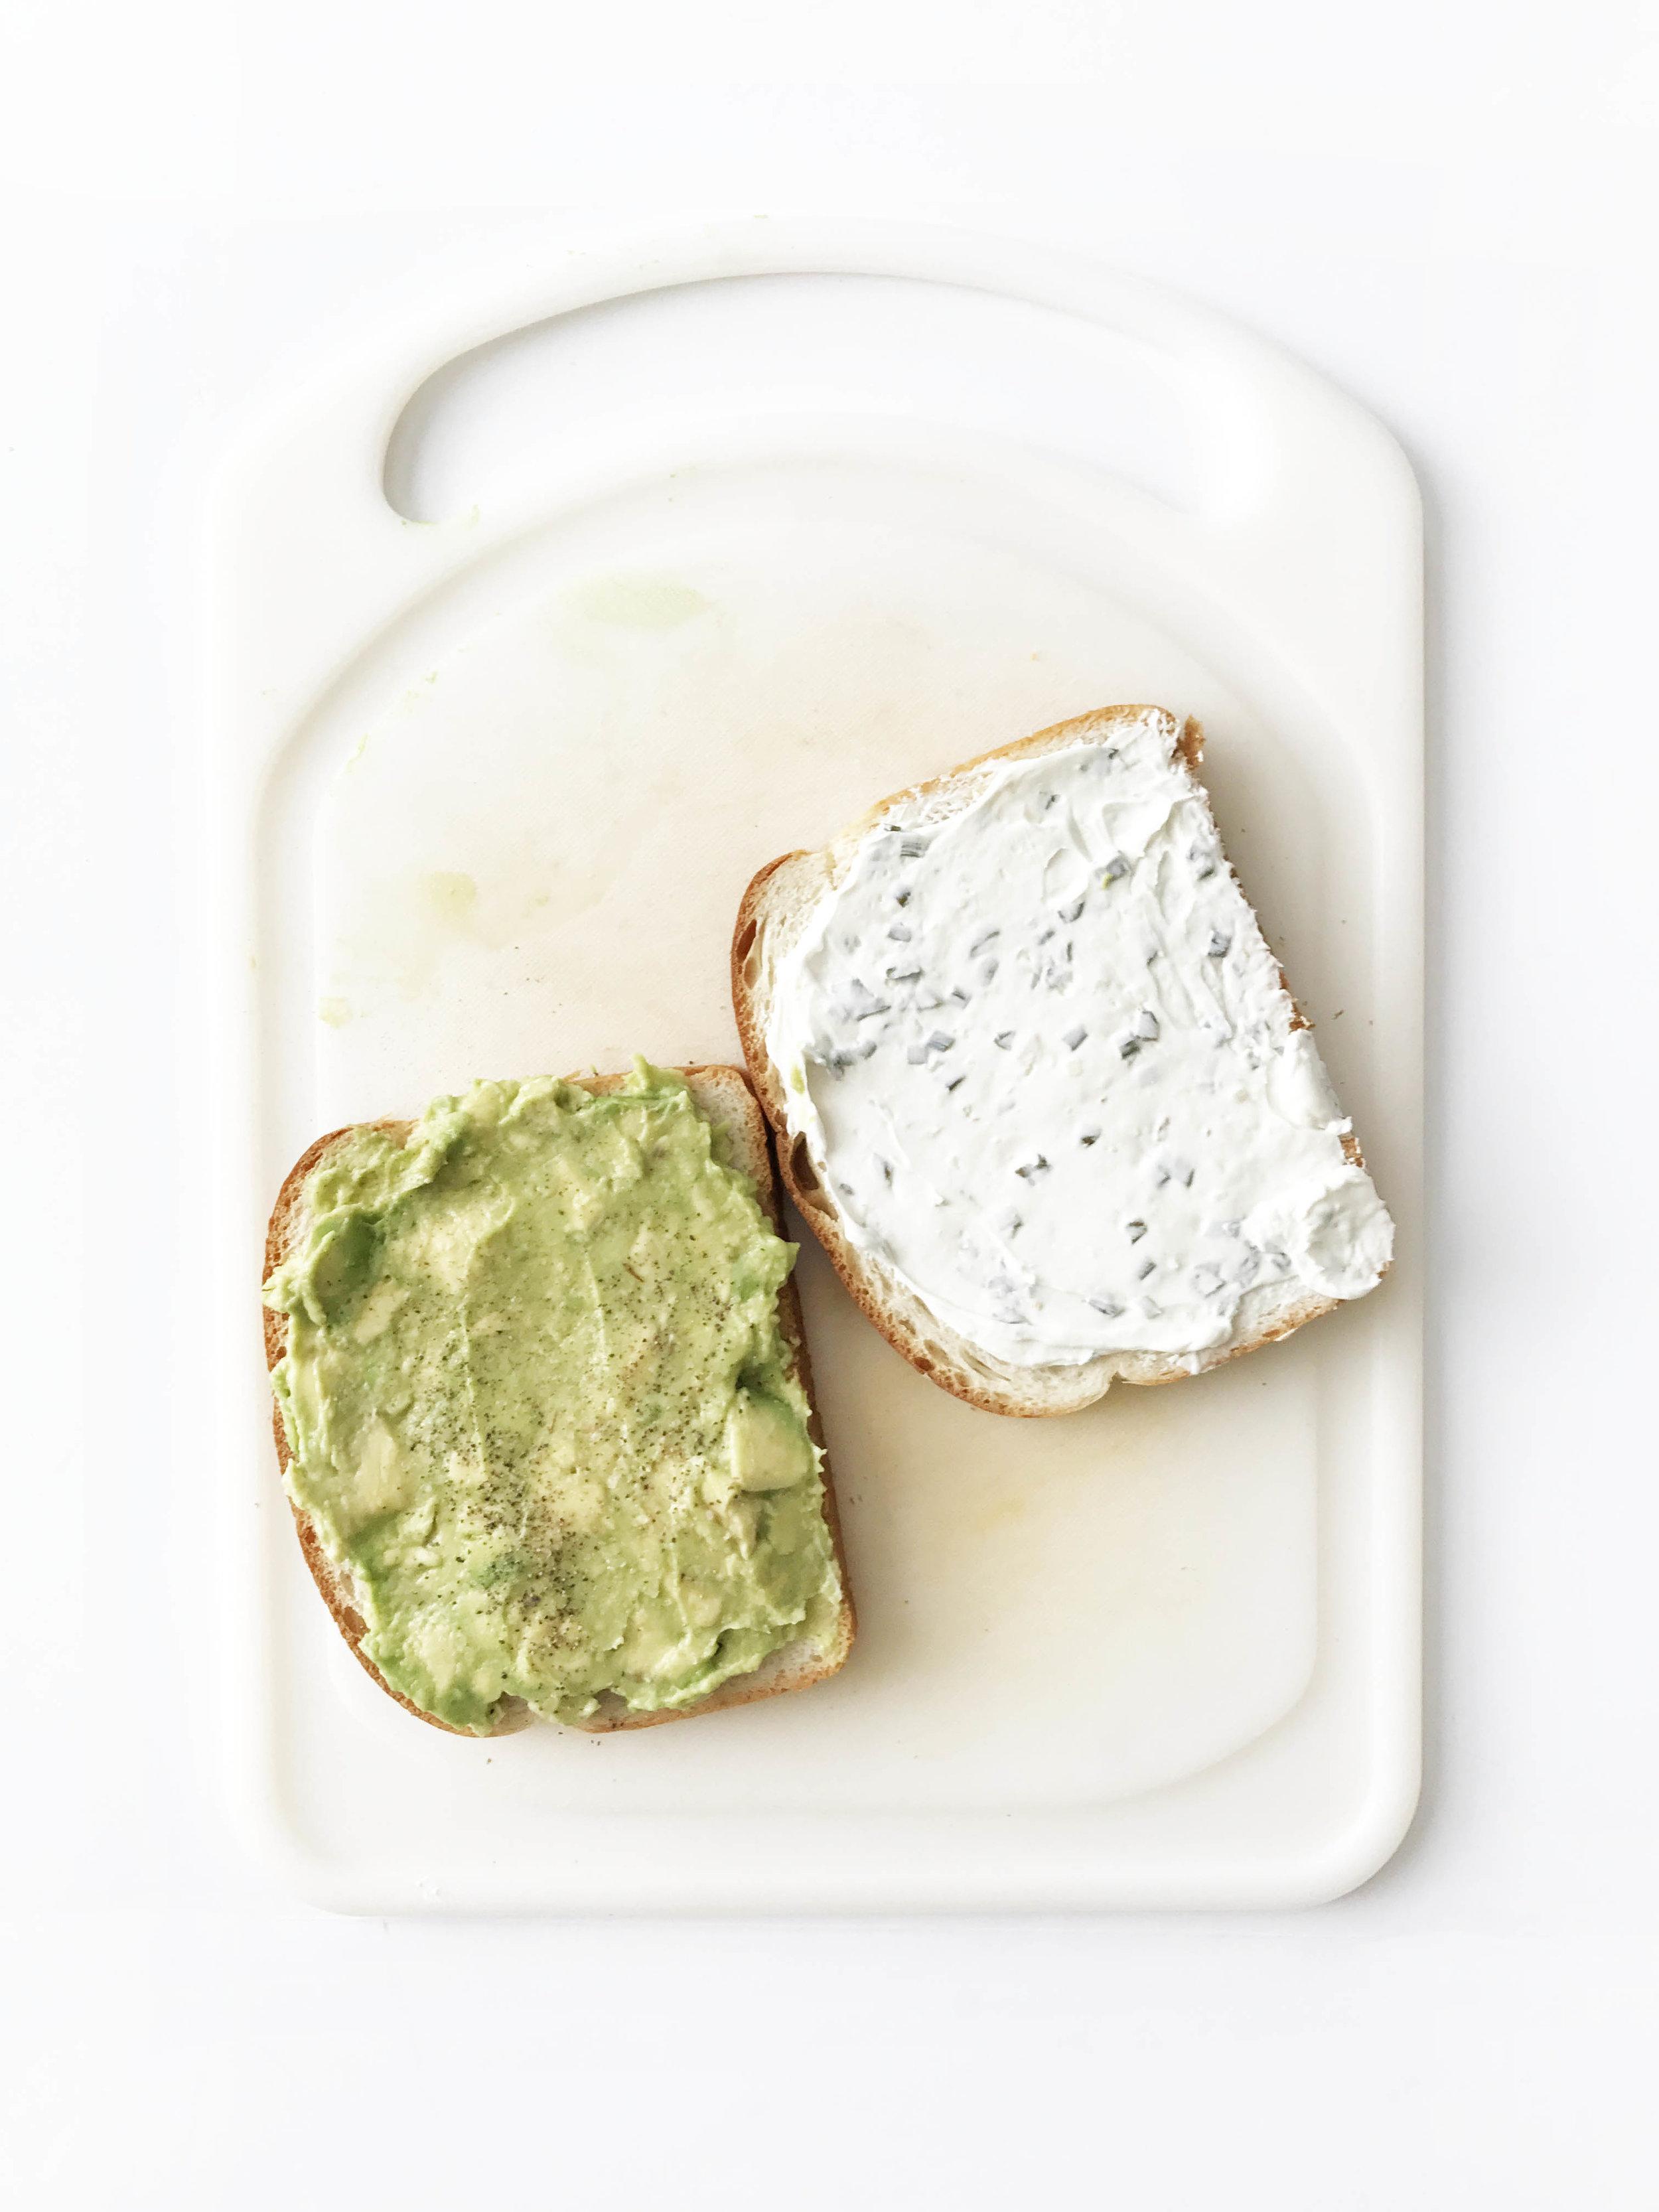 lean-mean-green-sandwich5.jpg